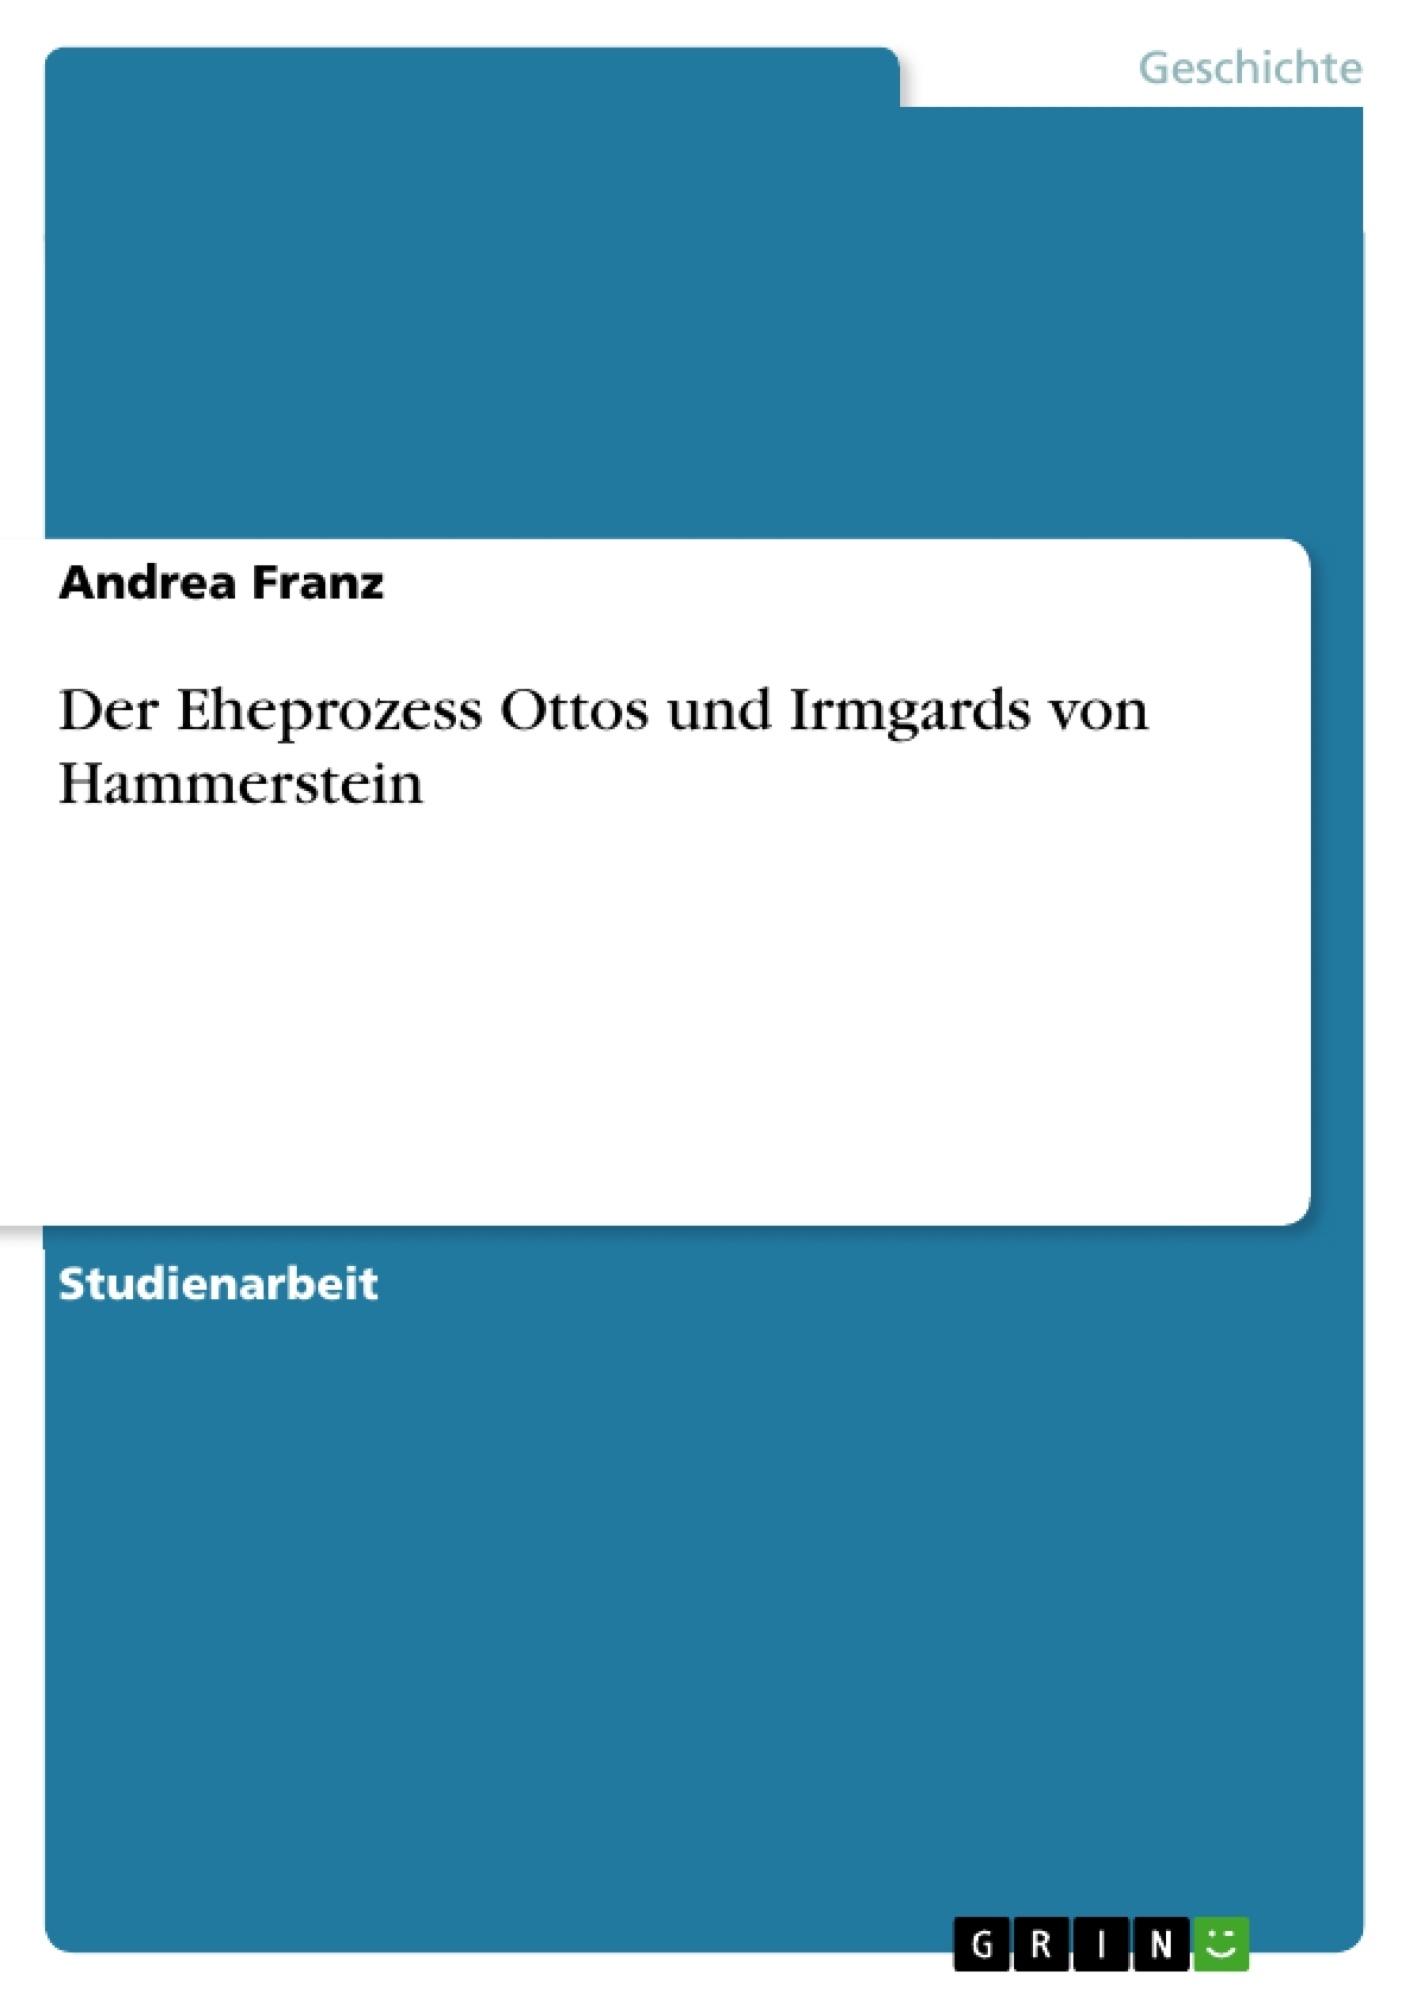 Titel: Der Eheprozess Ottos und Irmgards von Hammerstein